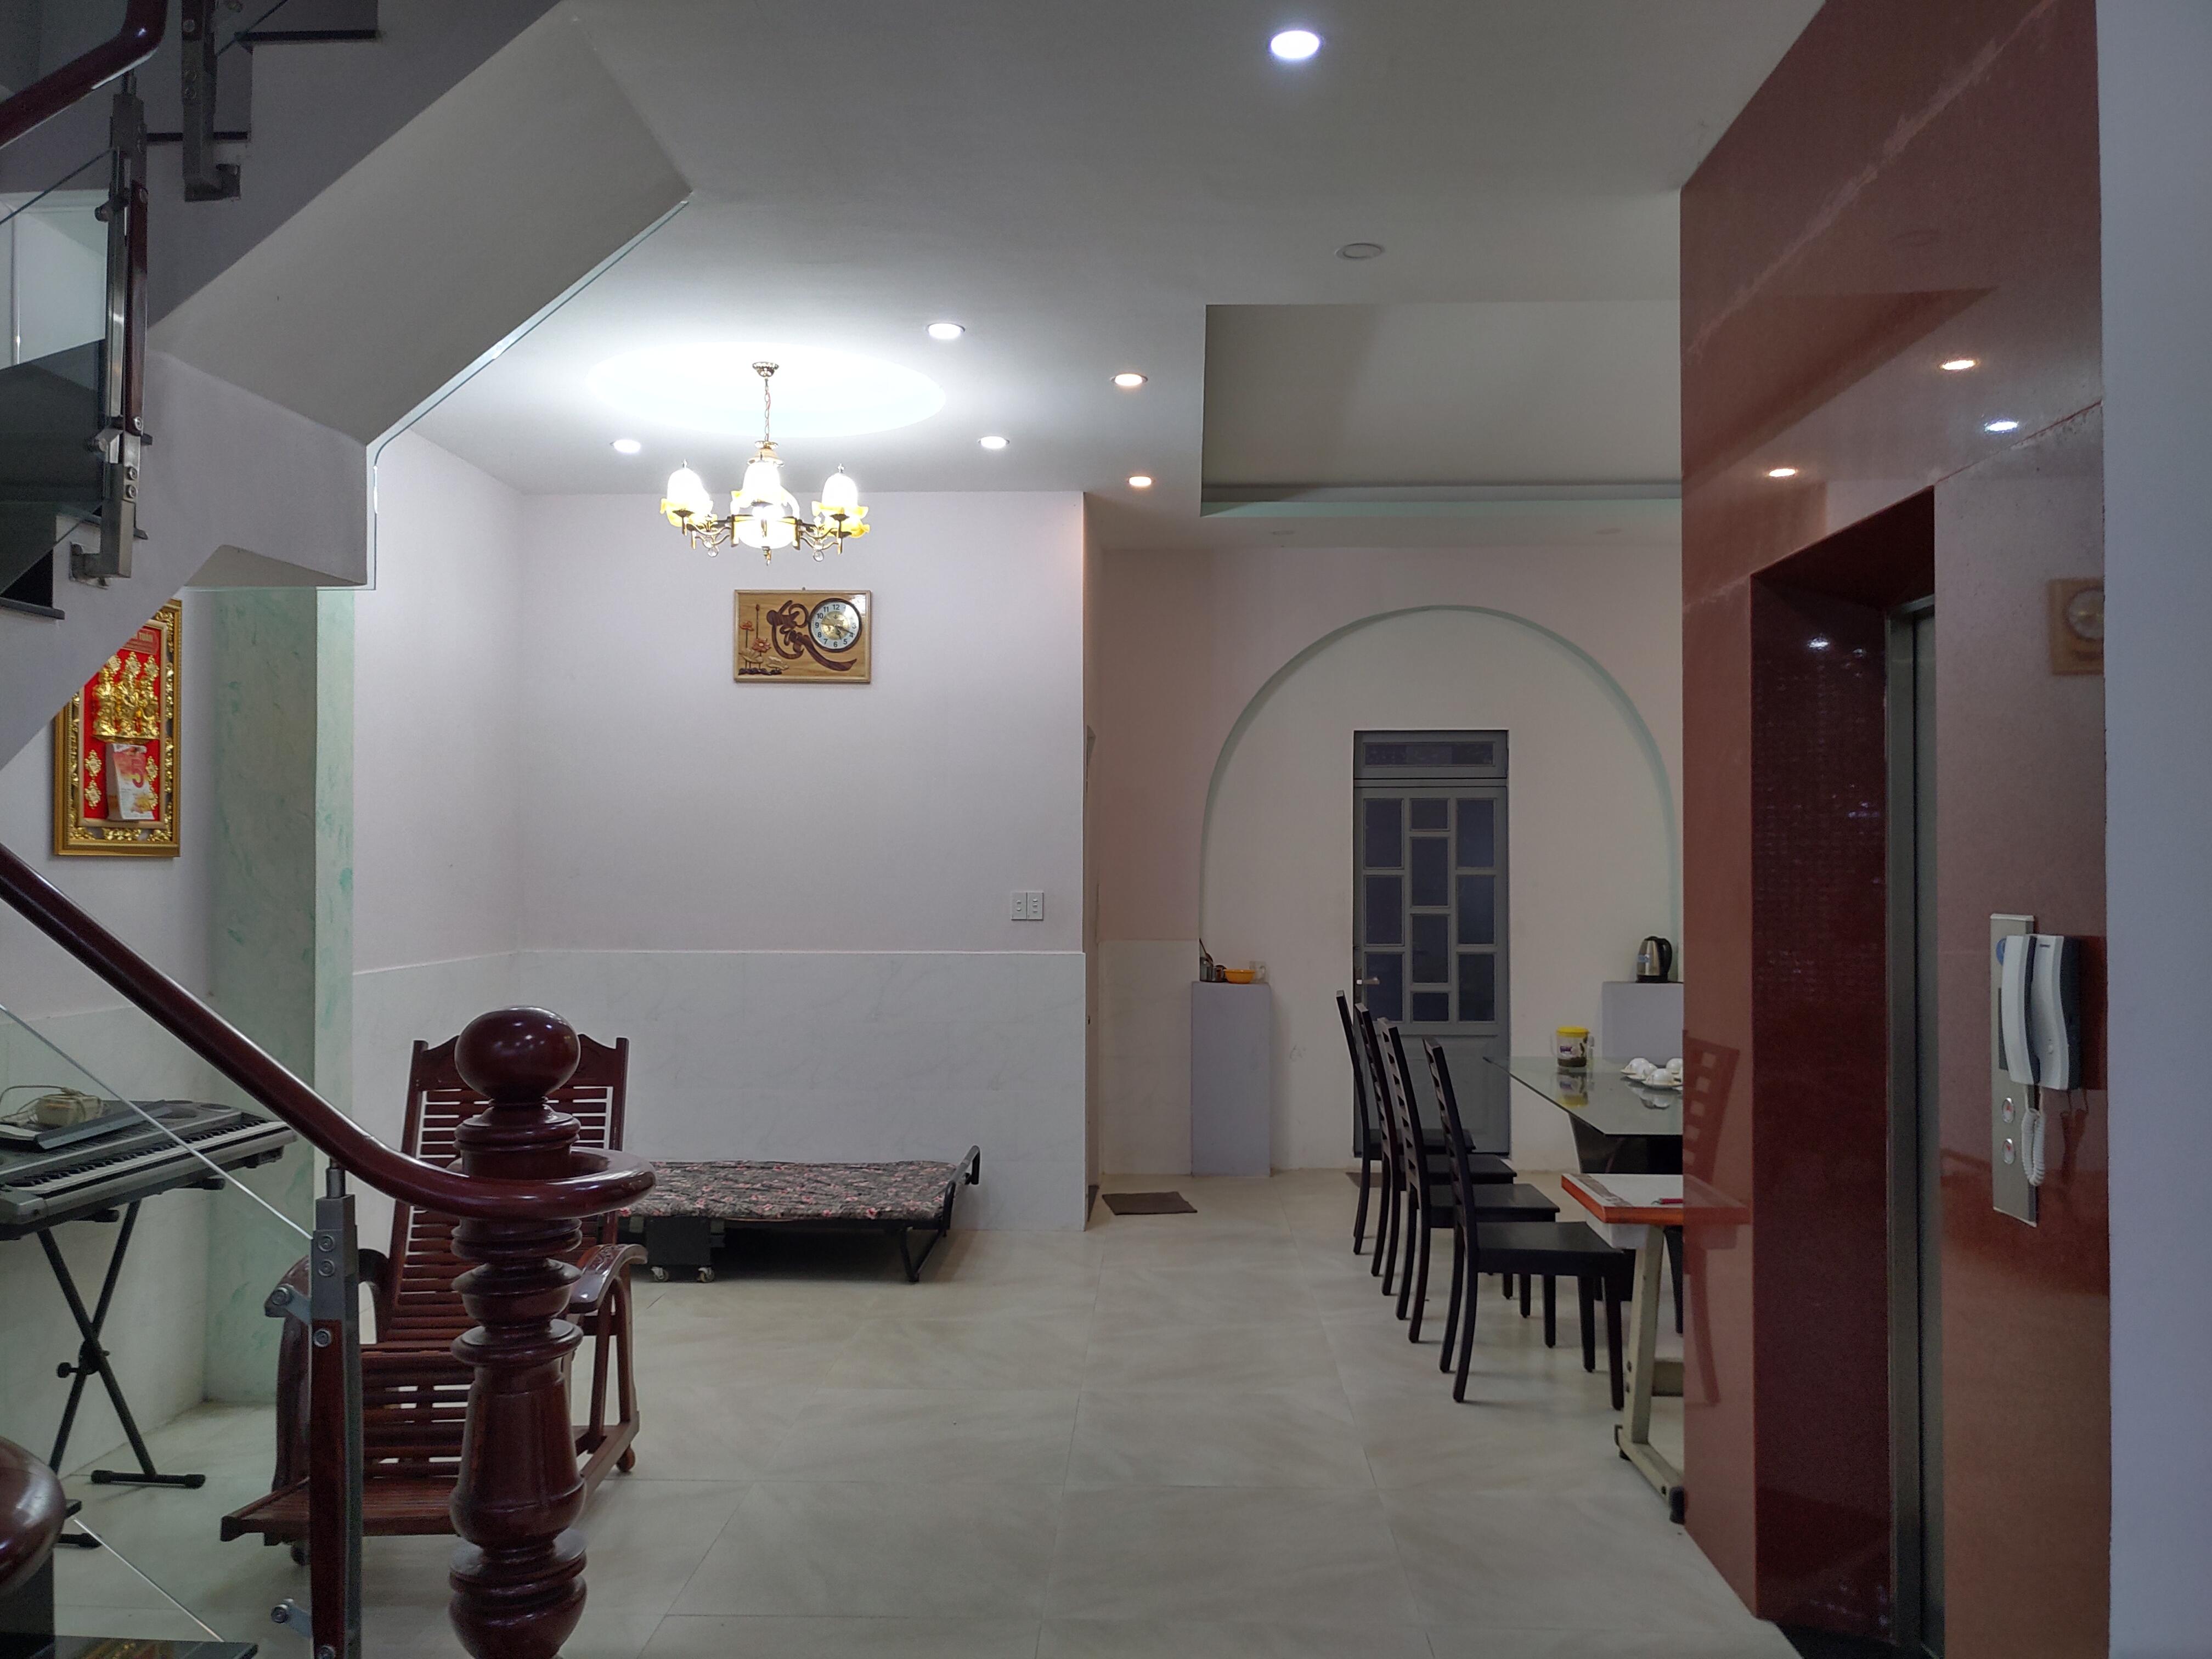 3 Cho thuê nhà làm văn phòng tại phường Hiệp Bình Chánh, quận Thủ Đức  giáp Bình Thạnh